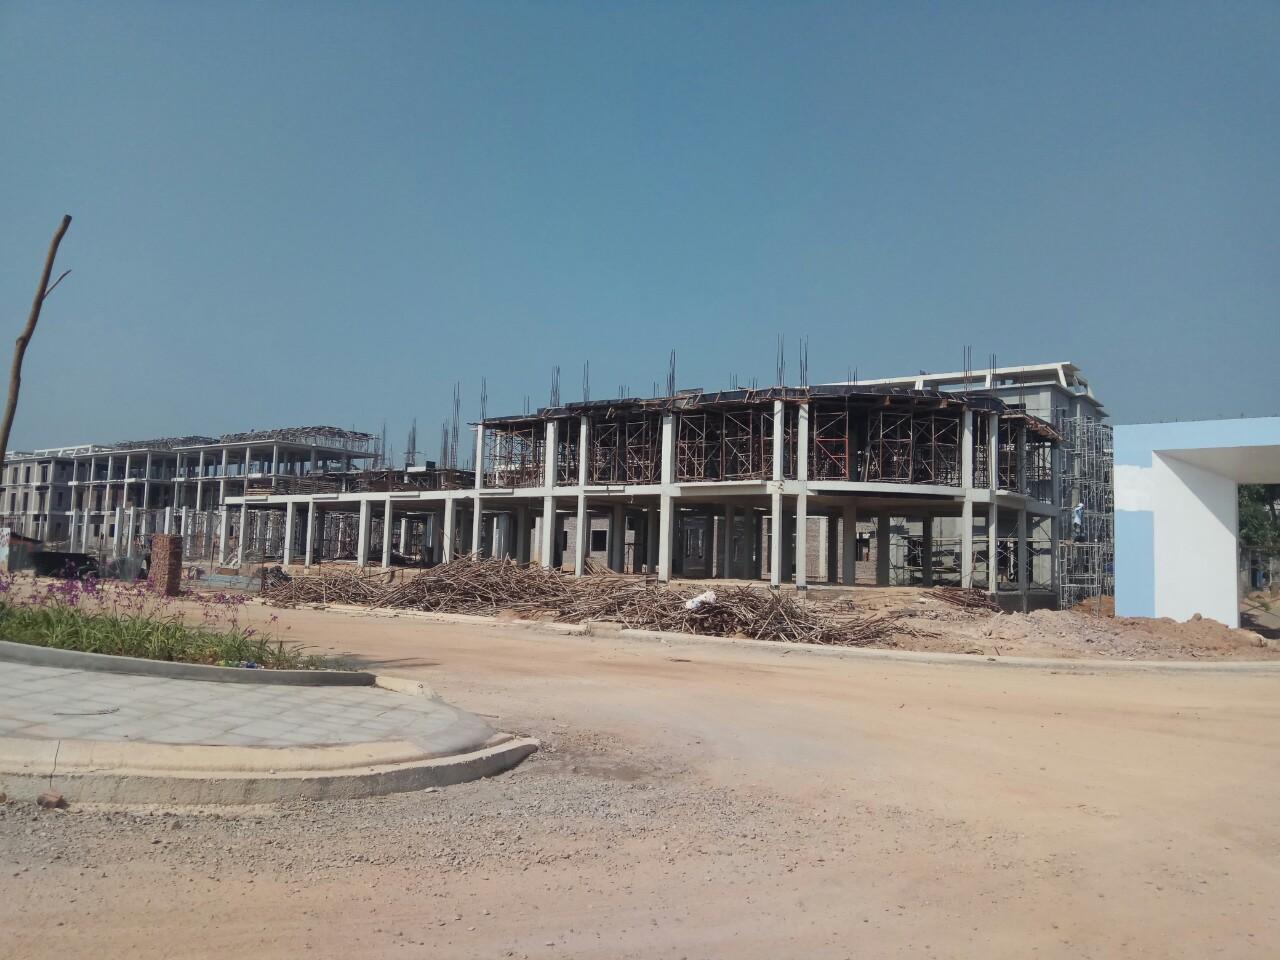 Bán đất VCI moutain View - Biệt Thự - Liền kề - Shophouse - LH 0962455280